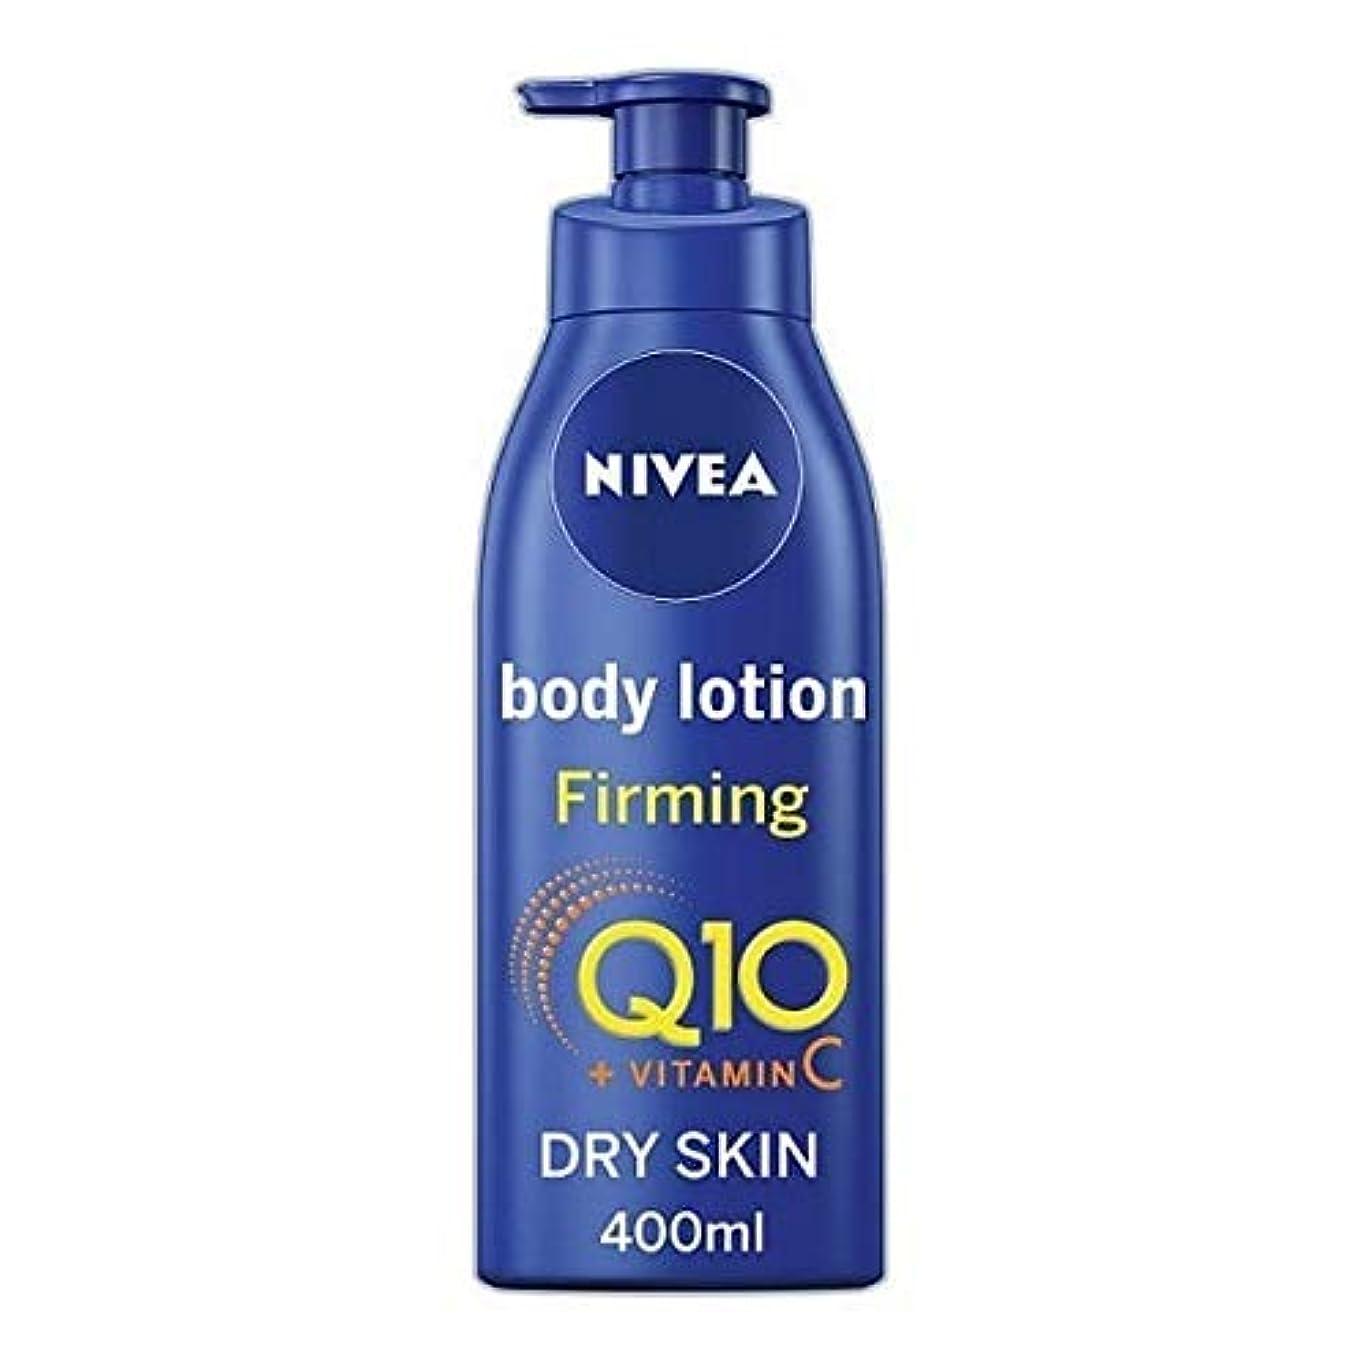 反対にペニー検出する[Nivea ] 乾燥肌、400ミリリットルのためのニベアQ10ビタミンCファーミングボディローション - NIVEA Q10 Vitamin C Firming Body Lotion for Dry Skin, 400ml...